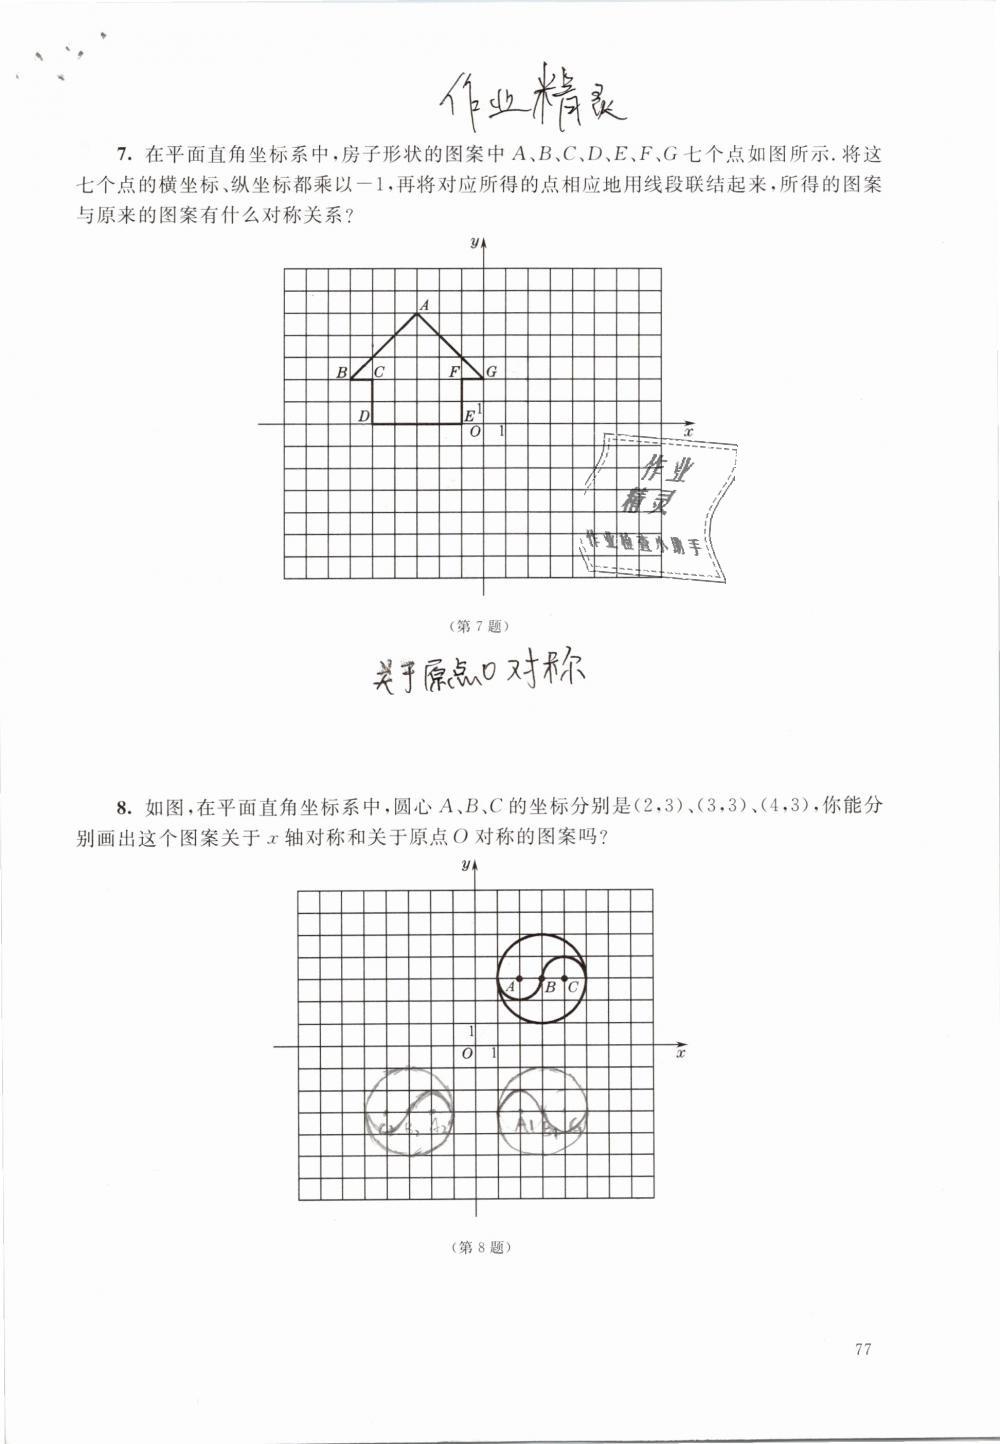 2019年数学练习部分七年级第二学期第77页